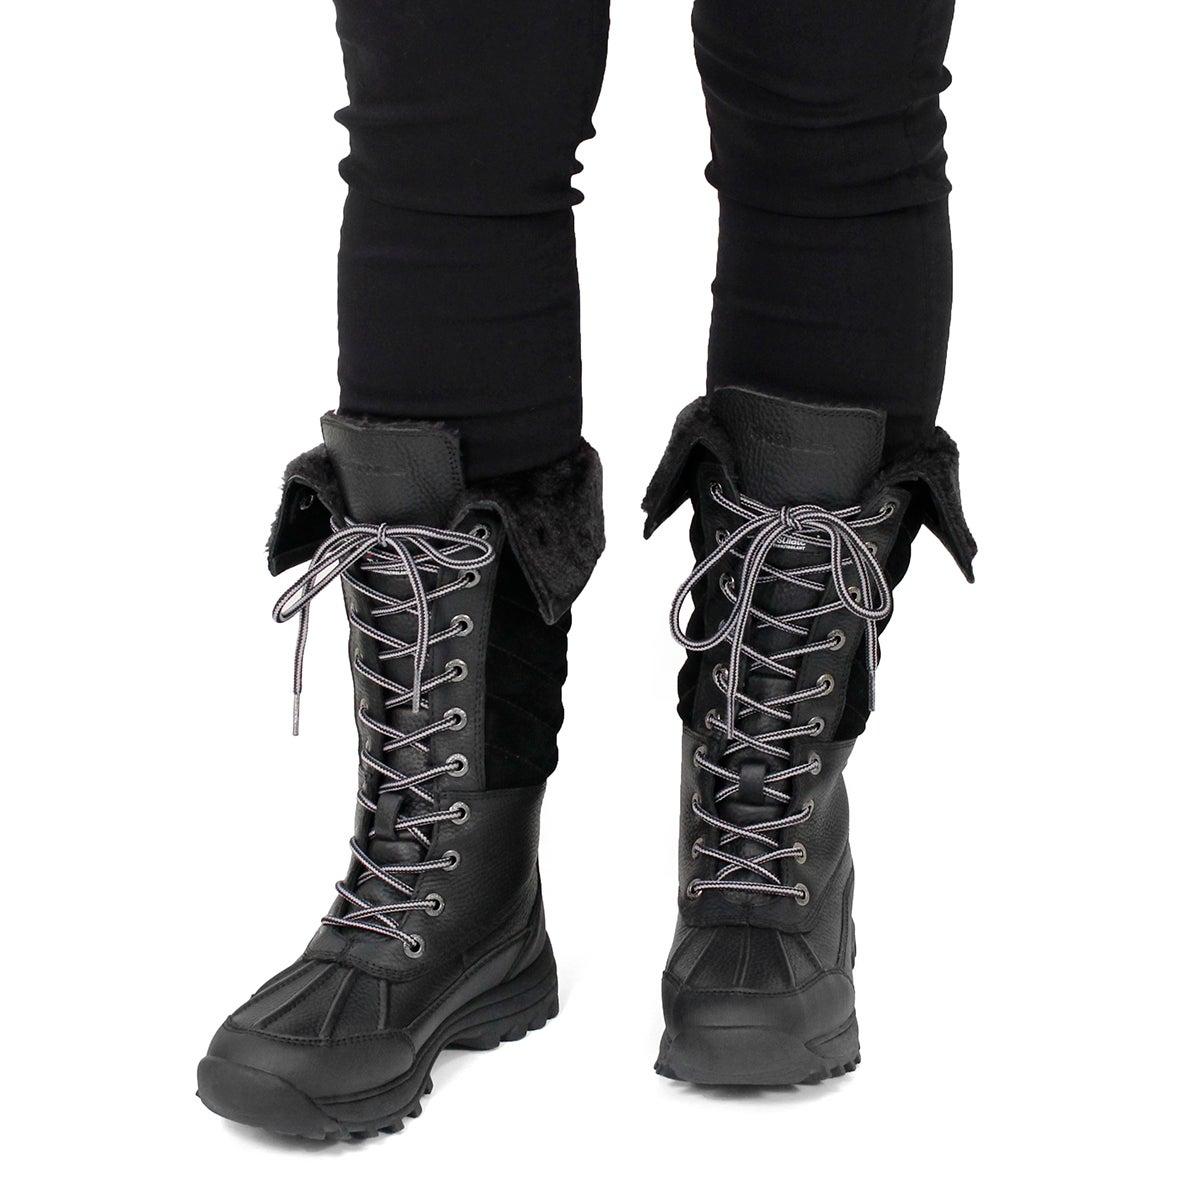 Lds Shakira Tall blk wtpf winter boot